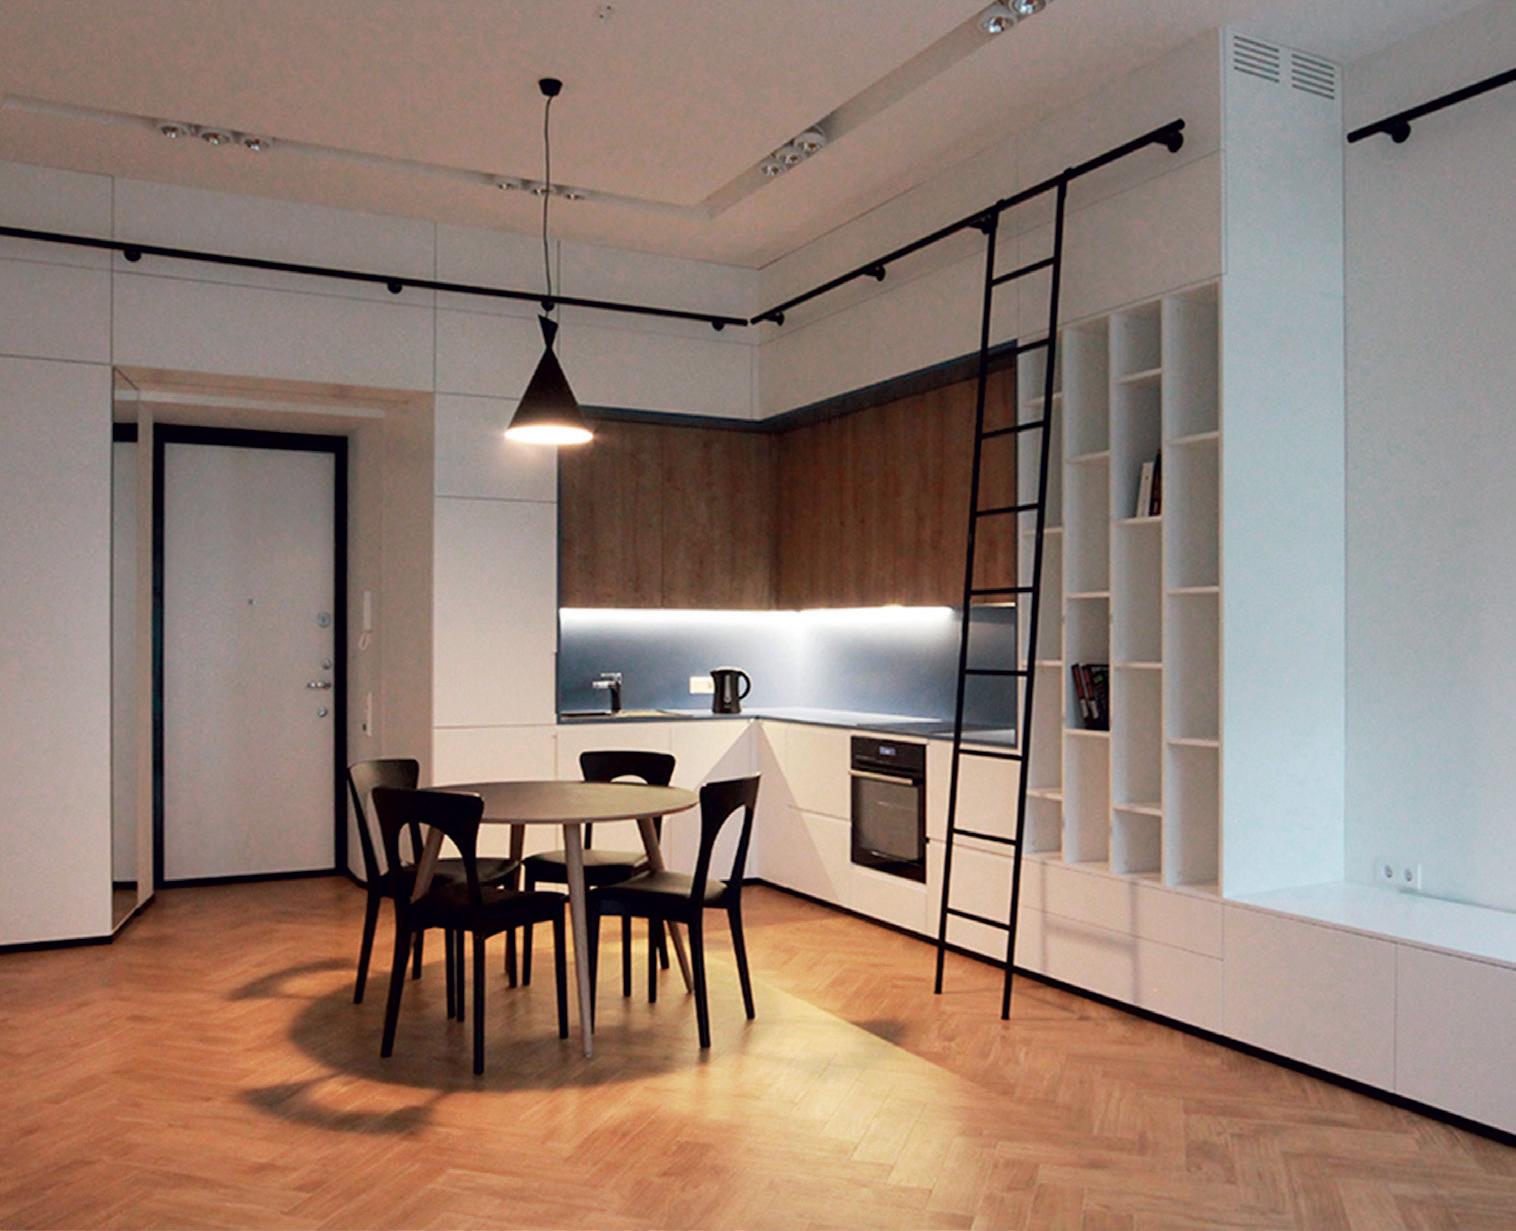 """Atvira virtuvė savo medžiagiškumu puikiai dera tiek su baldais, tiek su grindimis. Aut. """"Kubinis metras"""""""